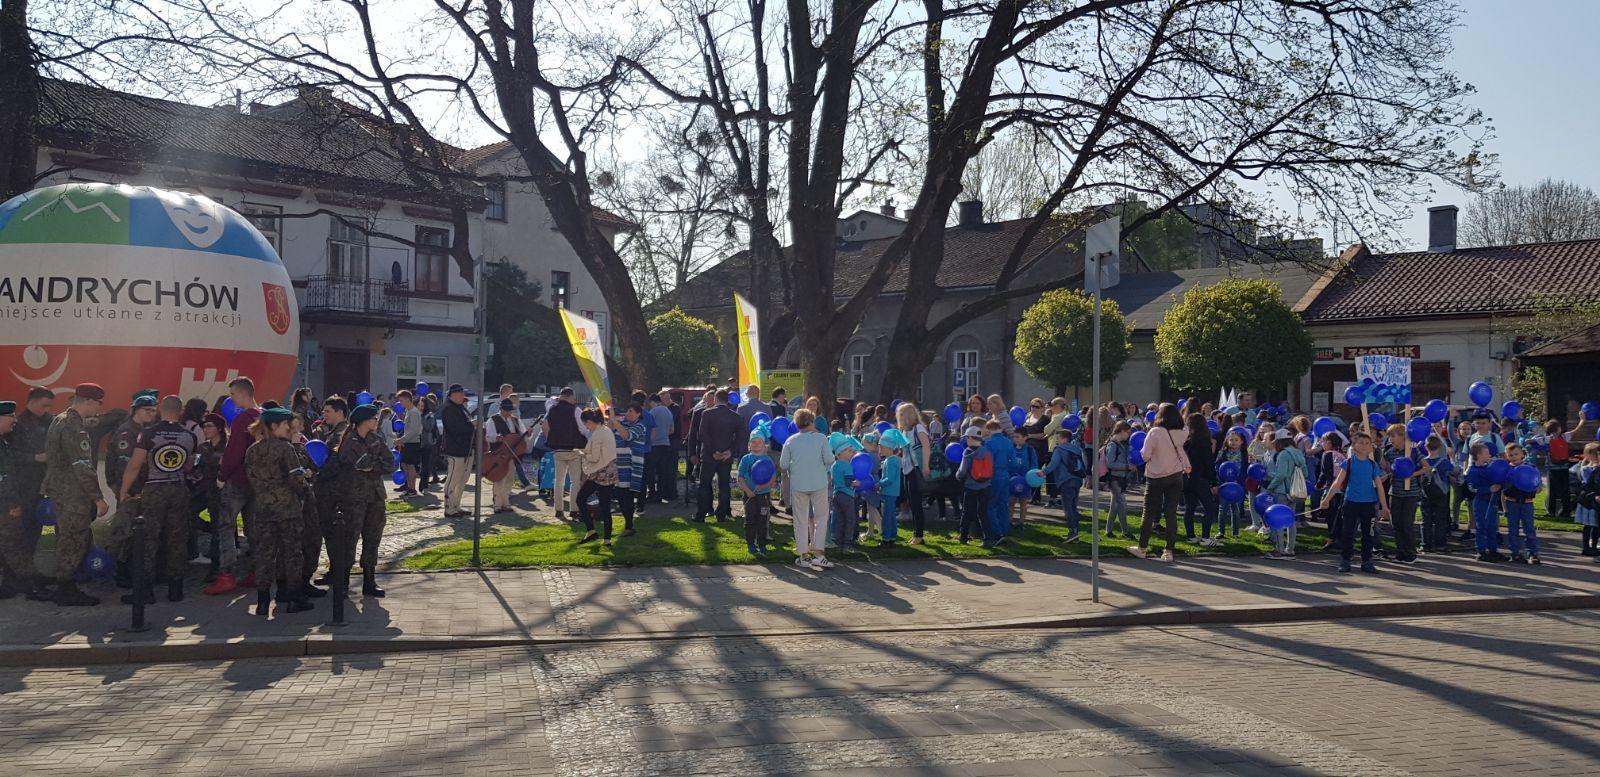 Marsz przeszedł ulicami Andrychowa [VIDEO]